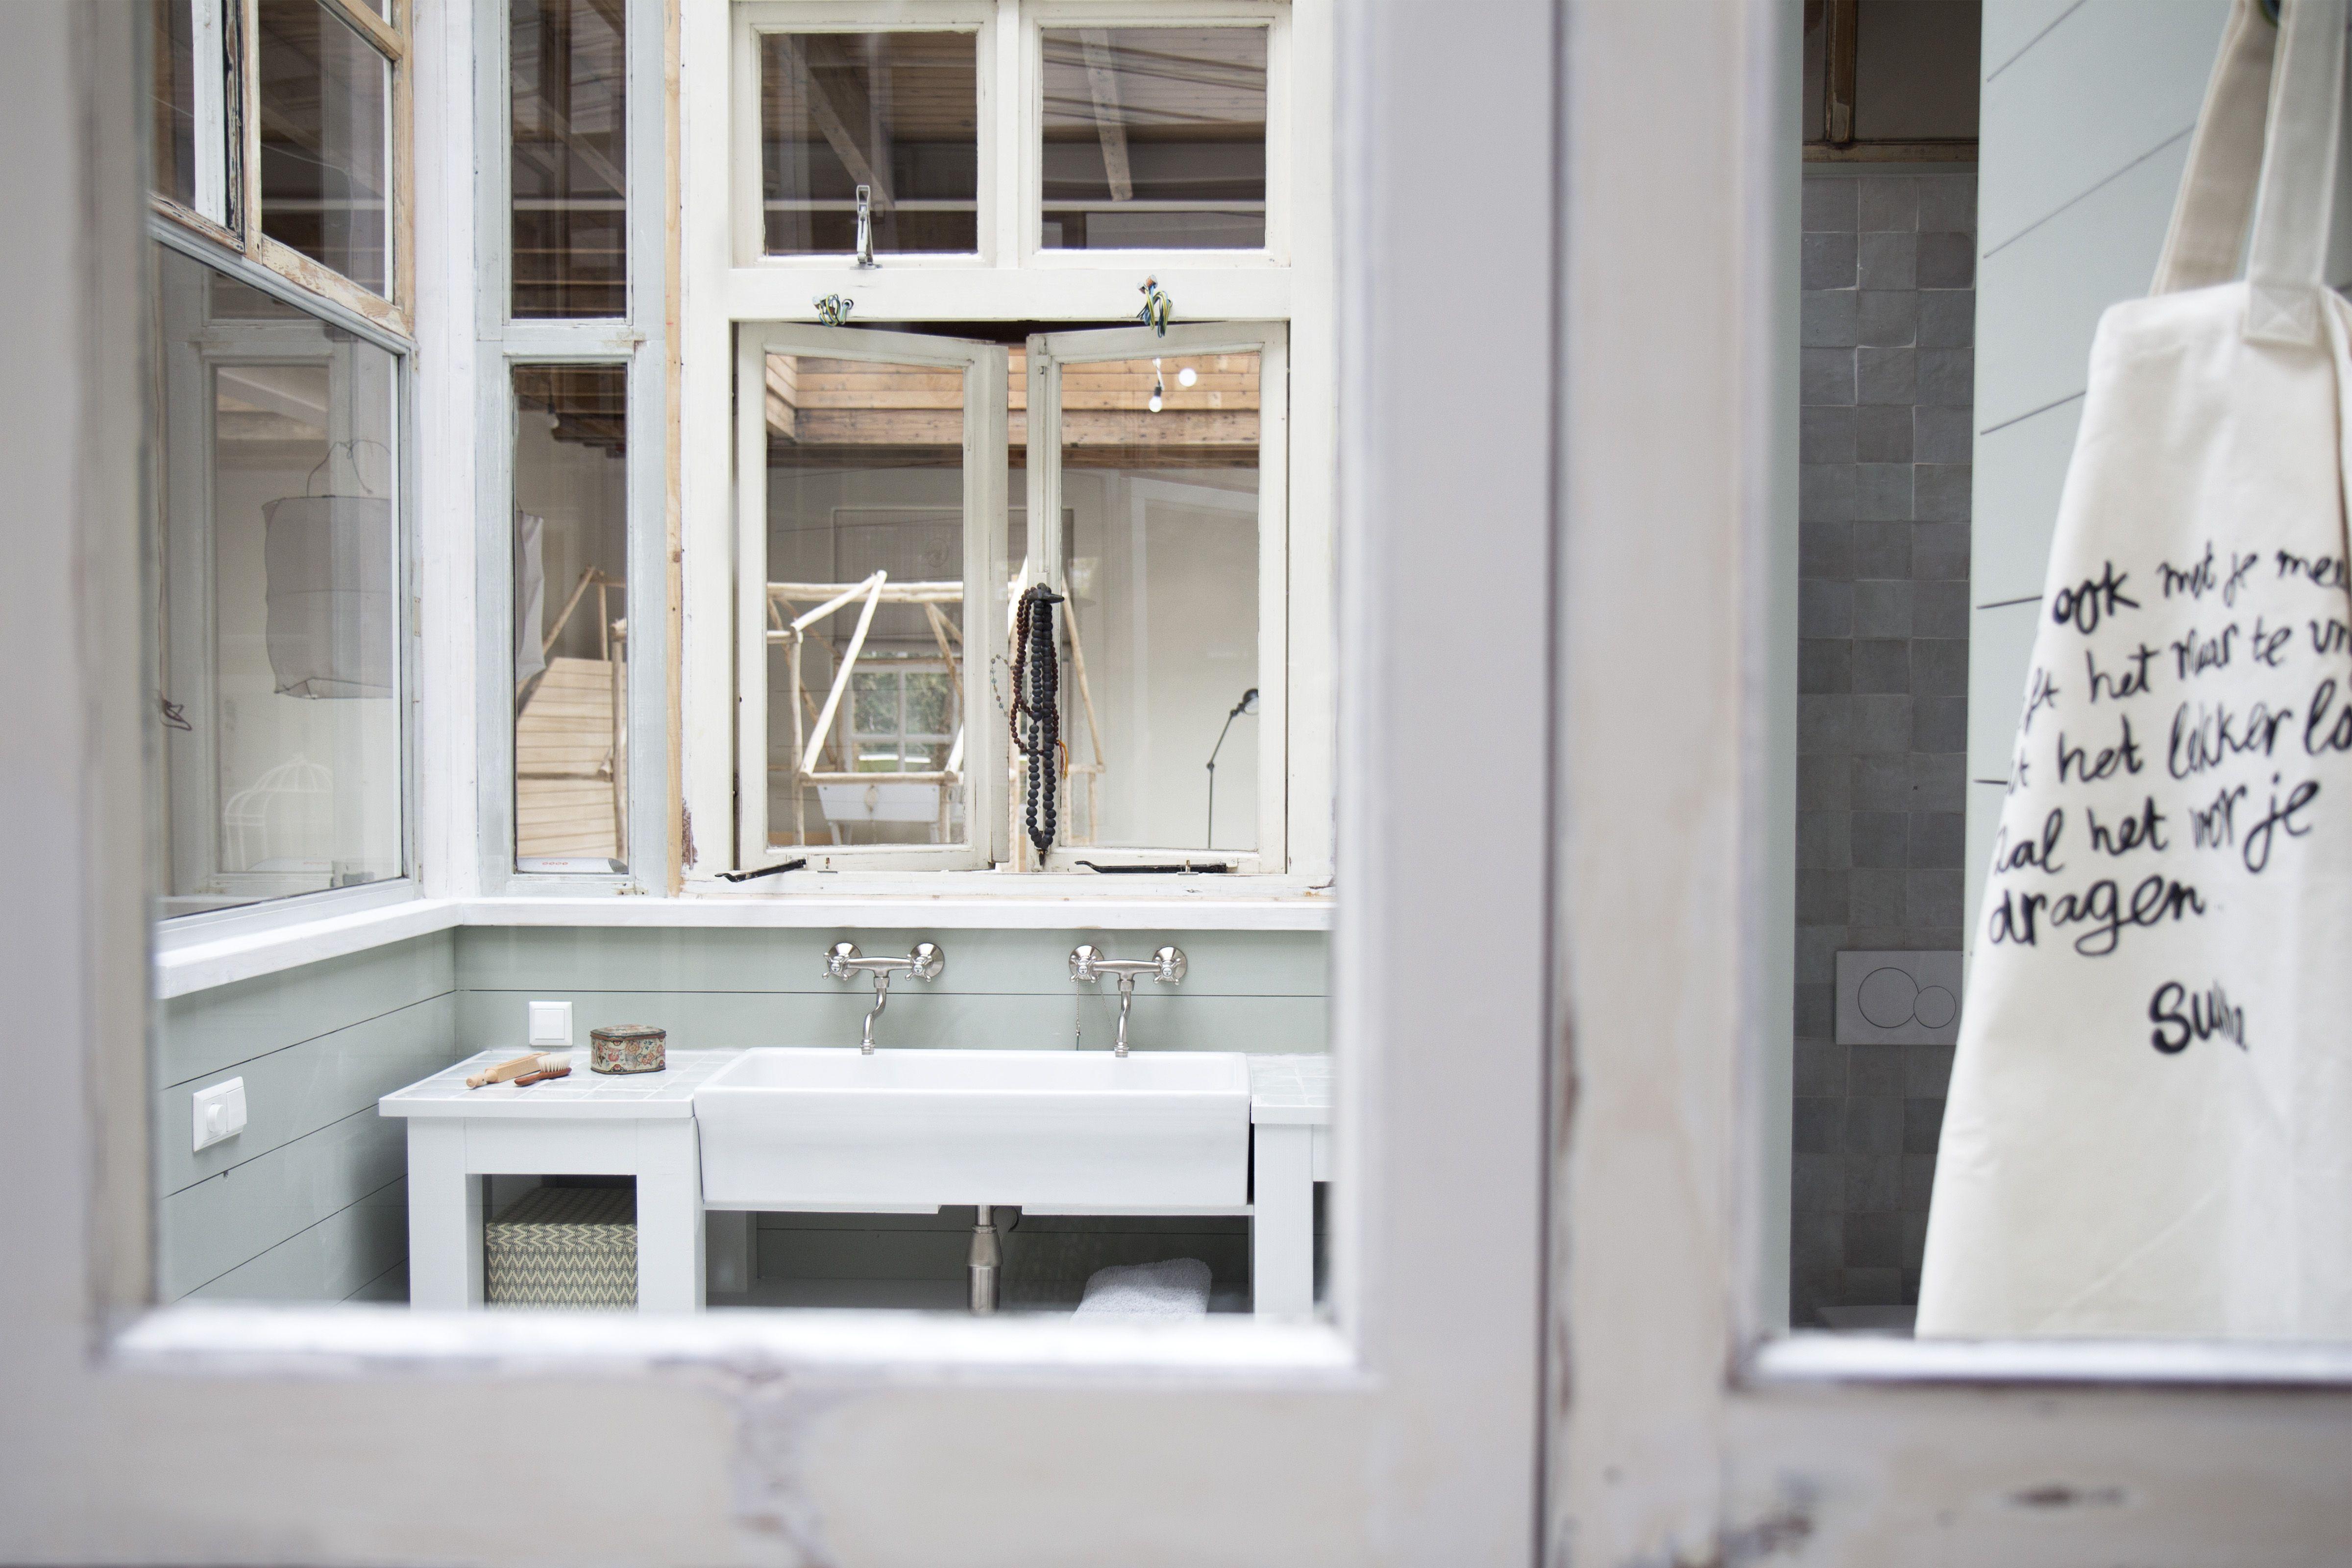 Houtmankade atelier sukha studio leem leemwand beton betonvloer